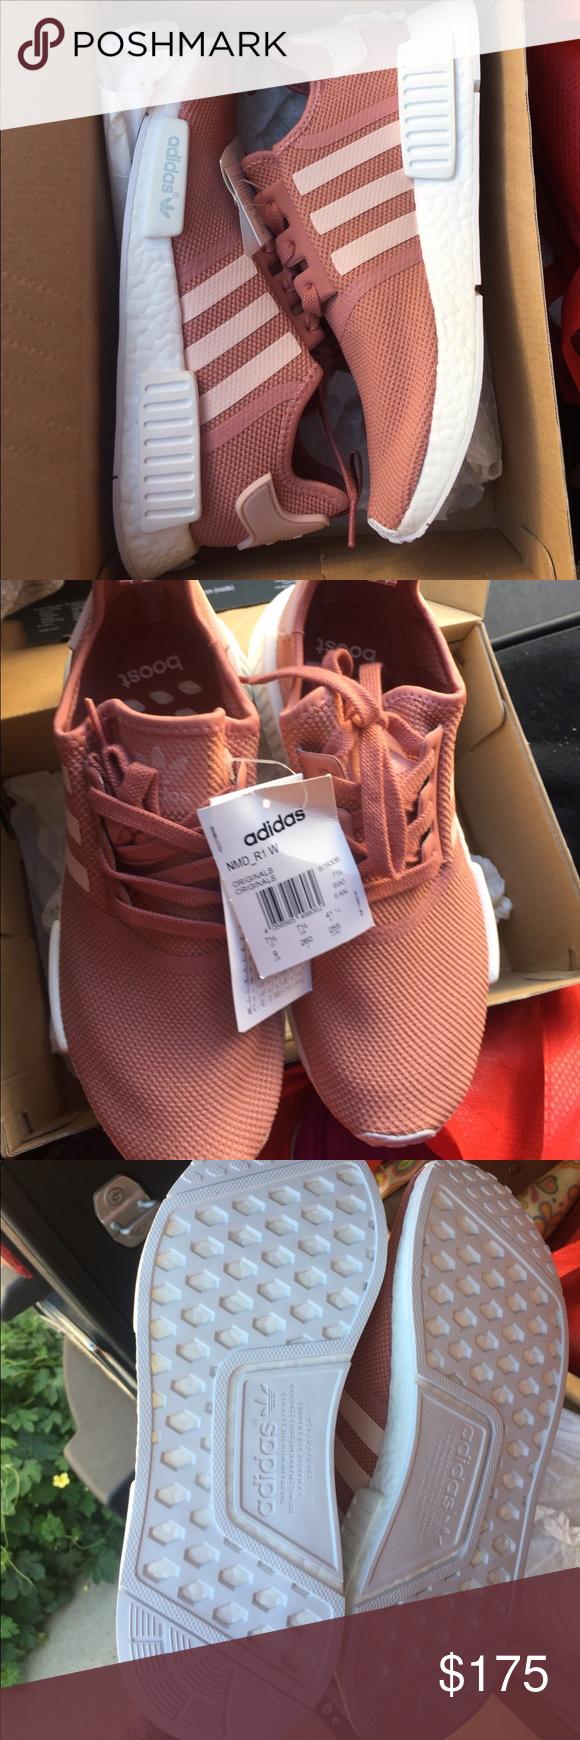 mnds rara rosa nuova di zecca con mai le adidas